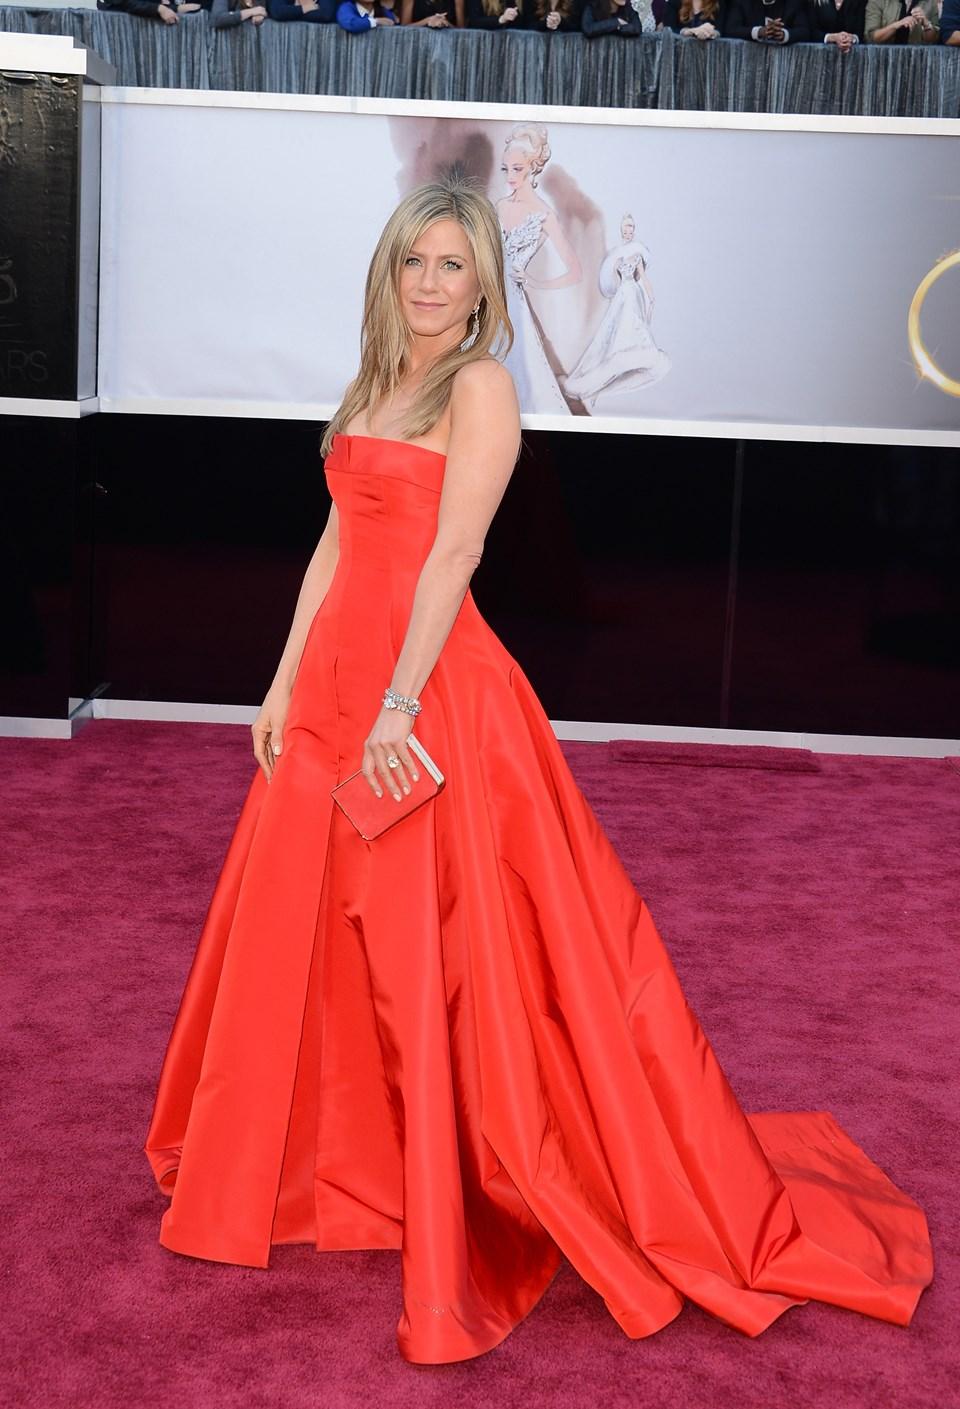 en şık oscar elbiseleri, oscar'ın en şık ünlüleri, oscar kırmızı halısı, gelmiş geçmiş en iyi oscar elbiseleri